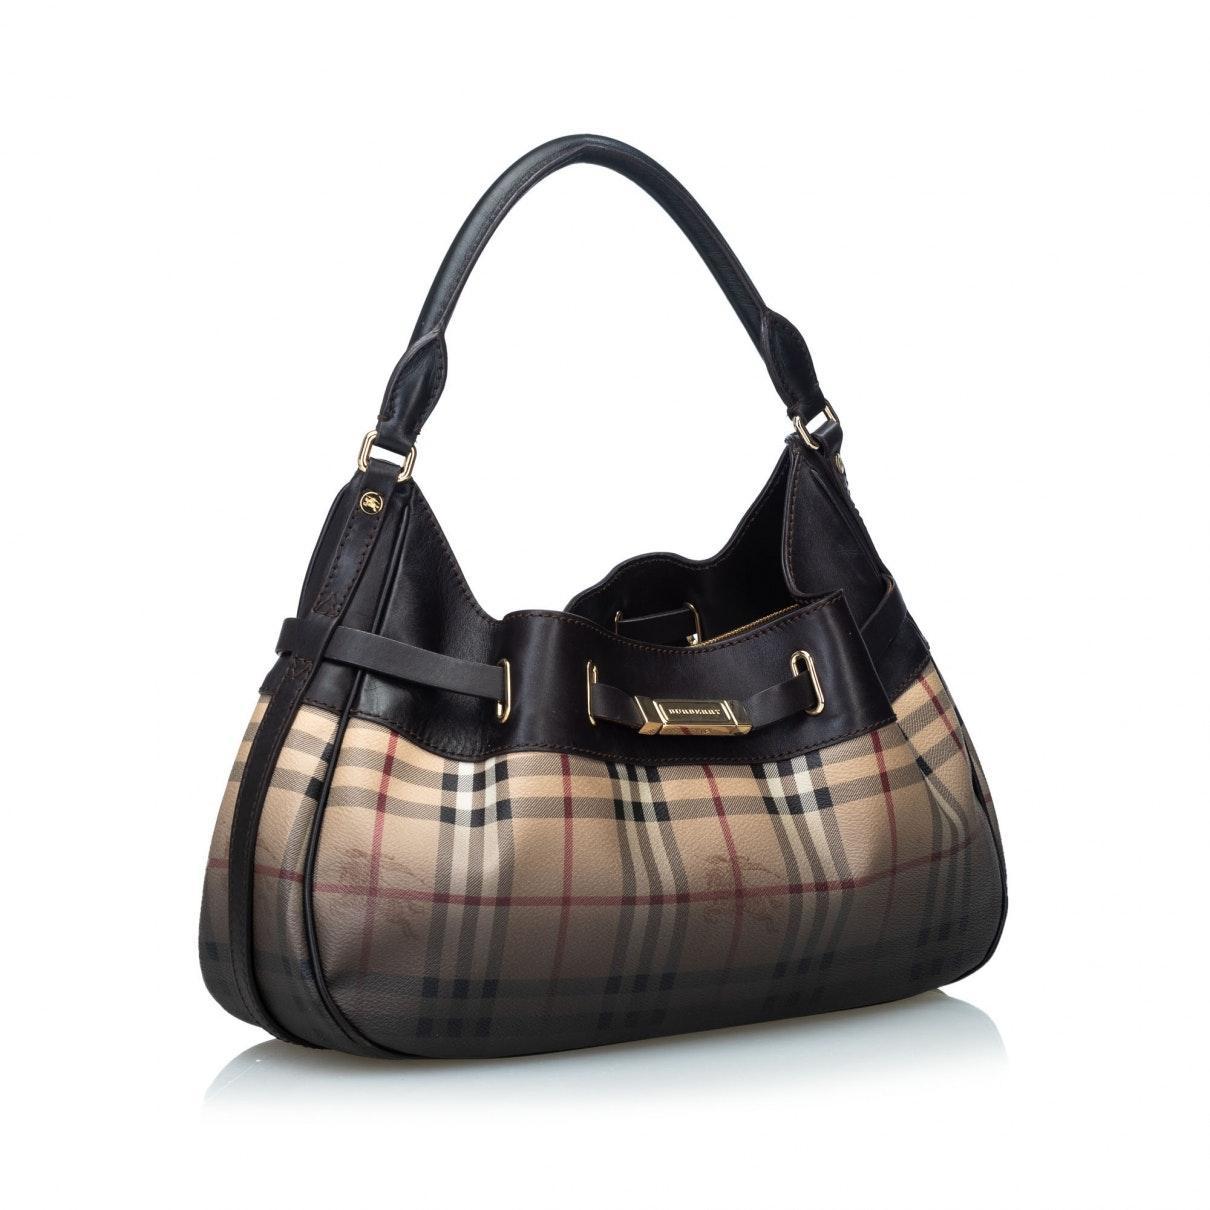 Burberry Leinen Handtaschen in Braun 4IFAy